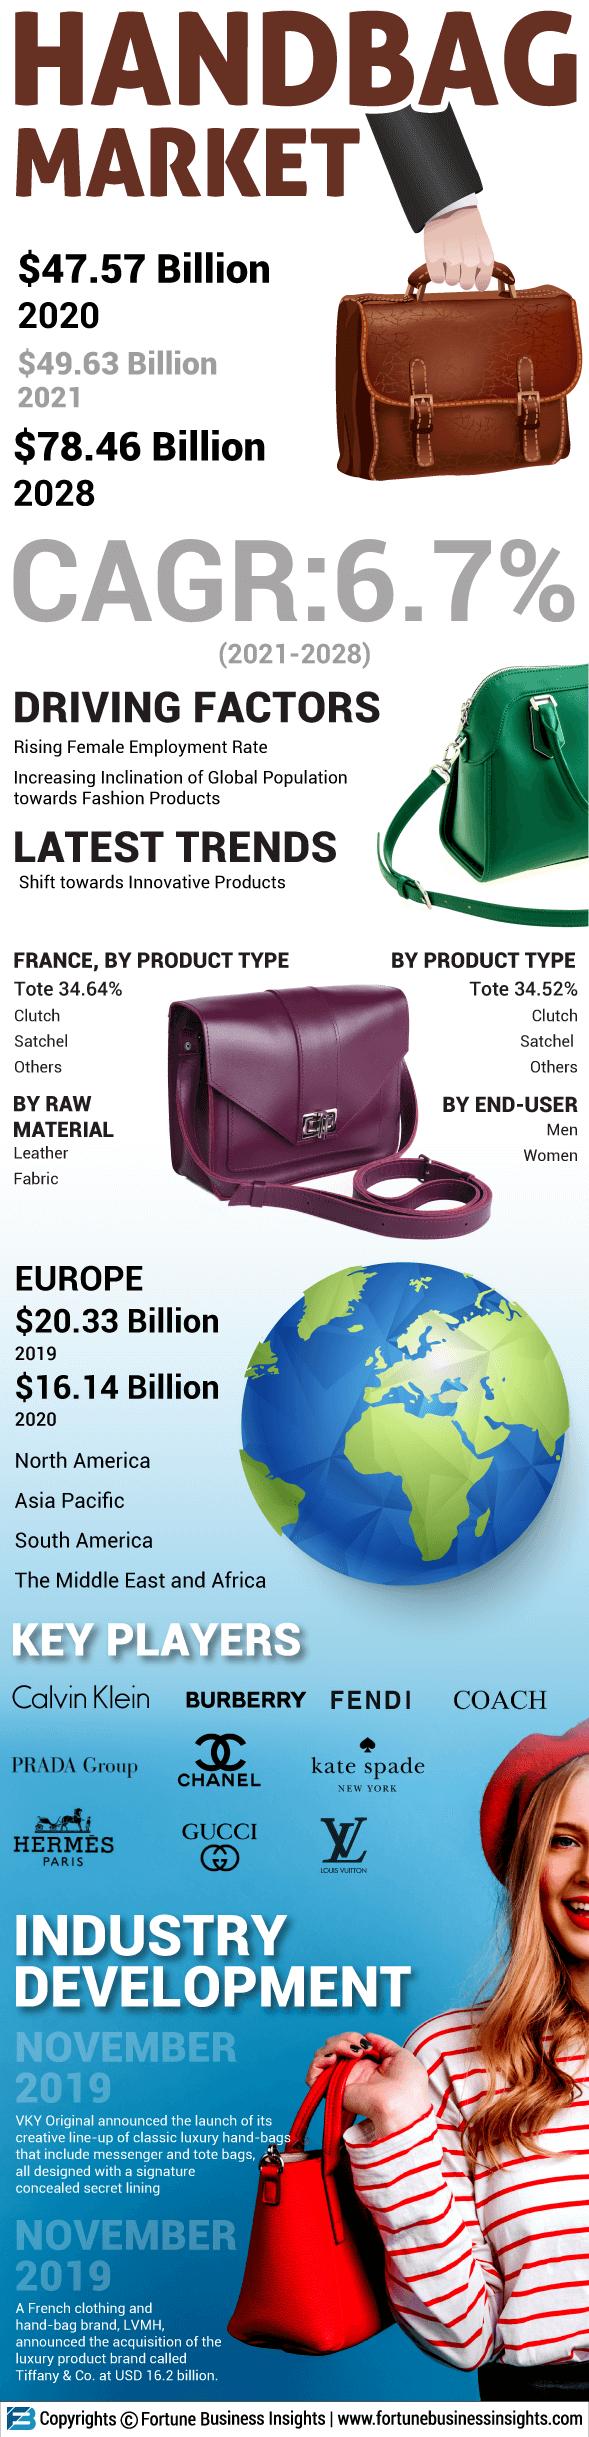 Handbag Market